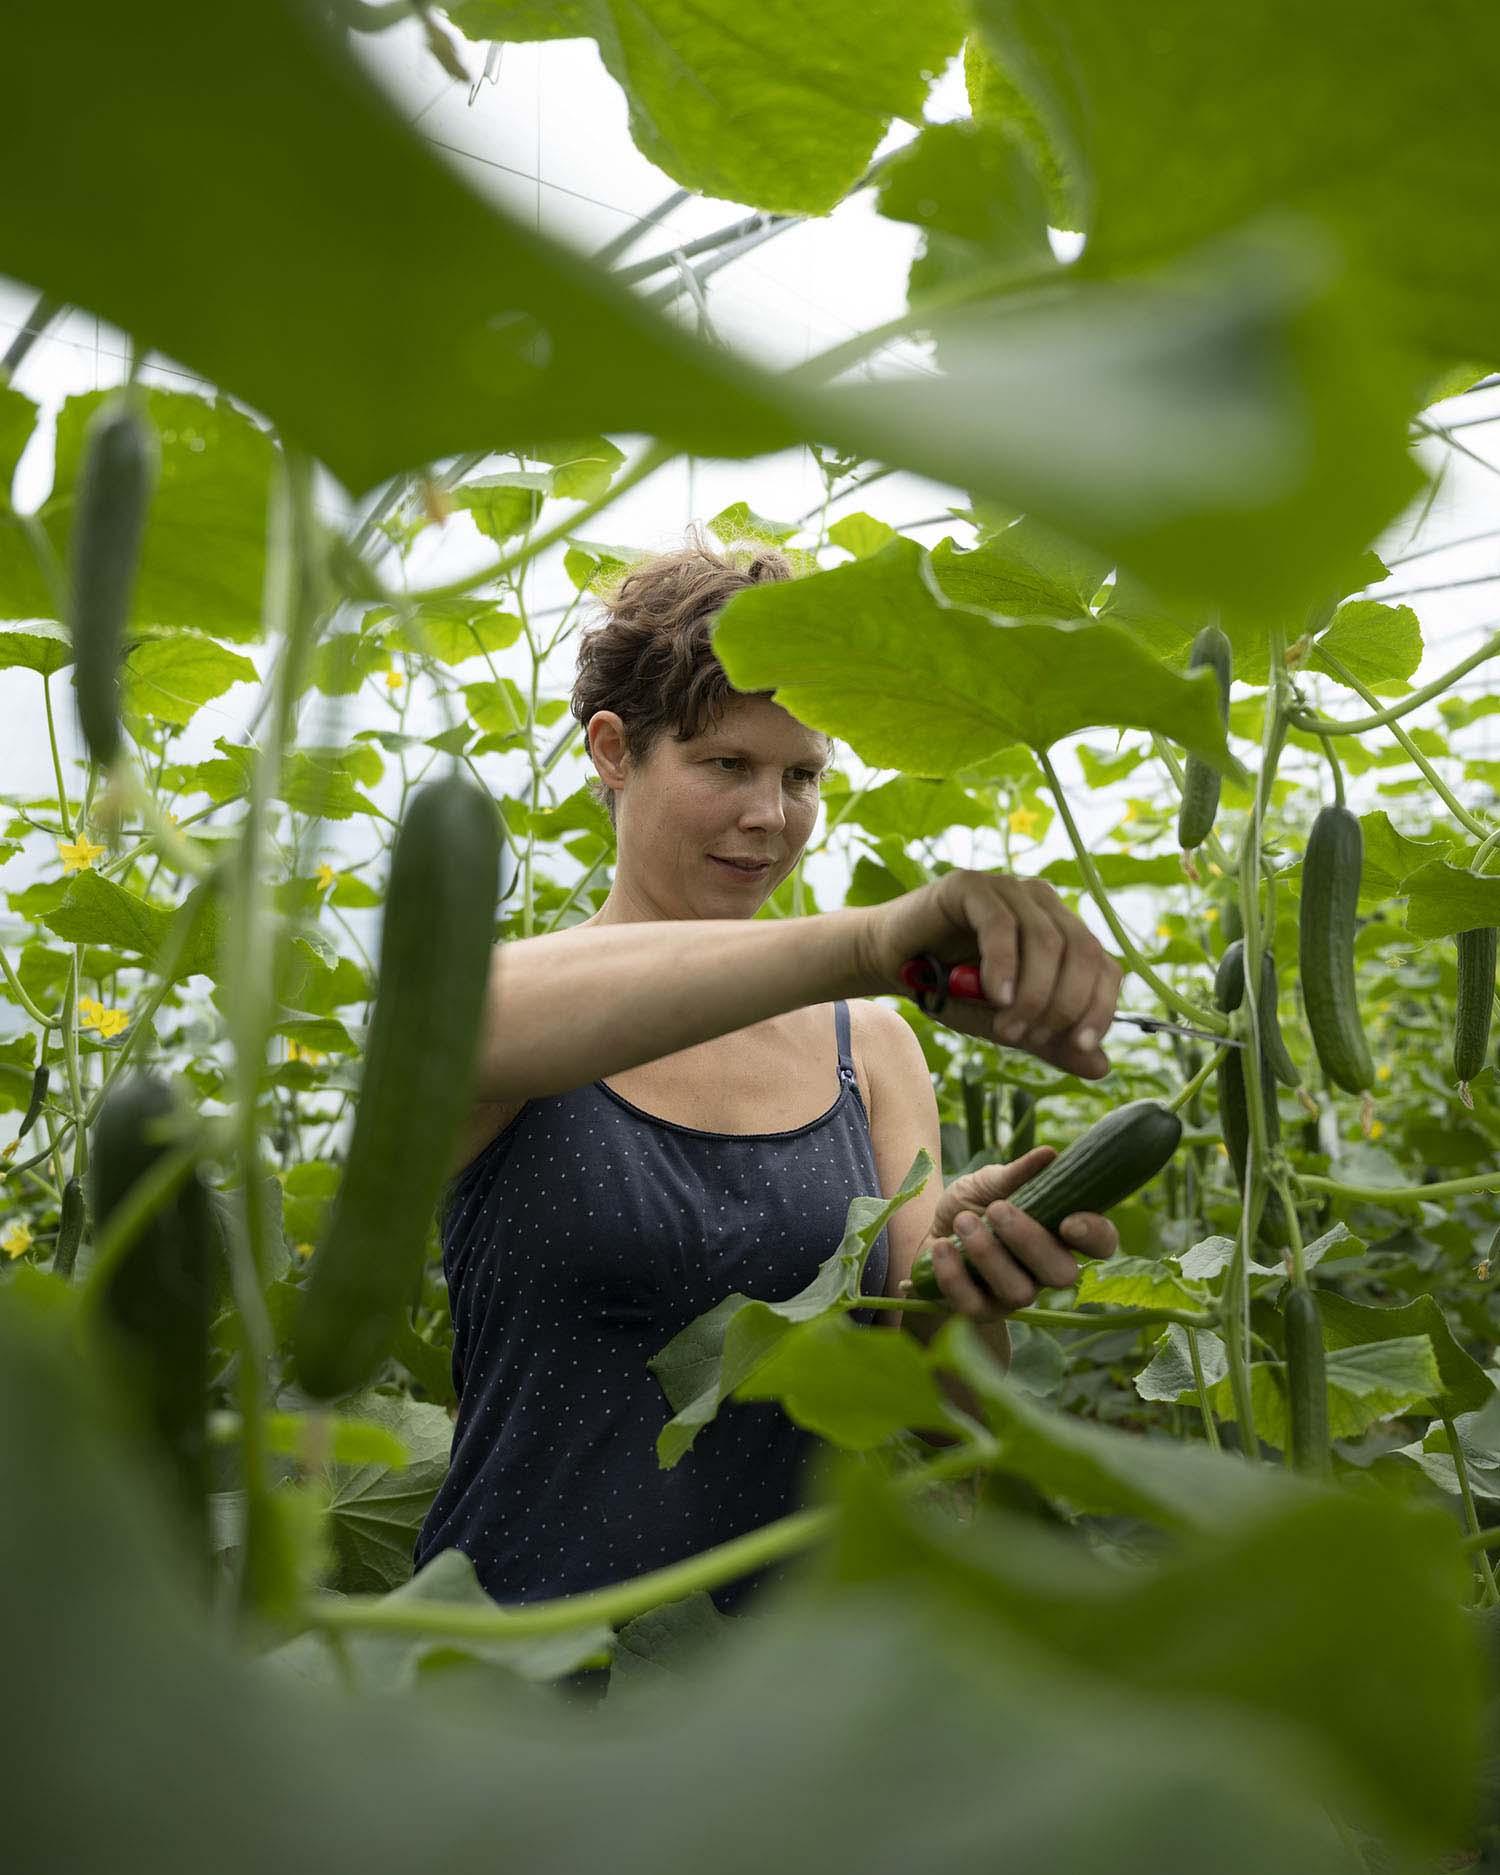 Gärtnerin Jenni ernten im Gewächshaus Mini-Gurken.